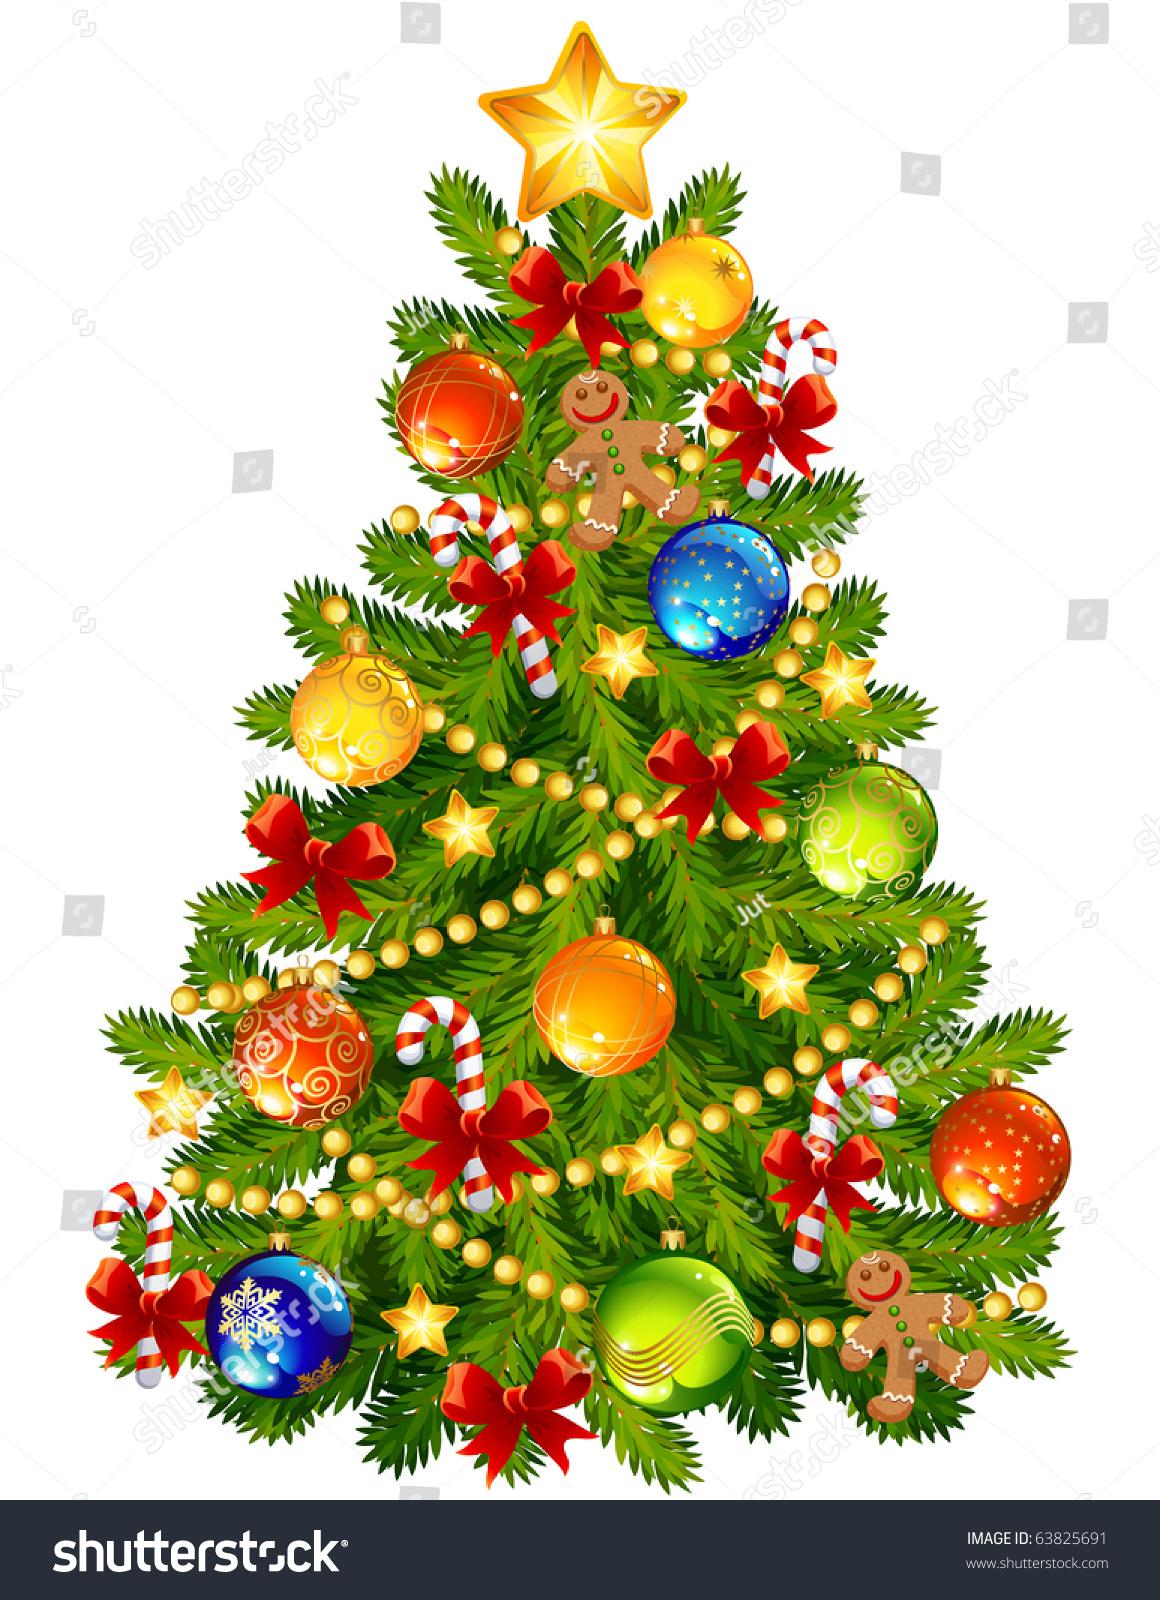 Vector Illustration Tree: 63825691 : Shutterstock